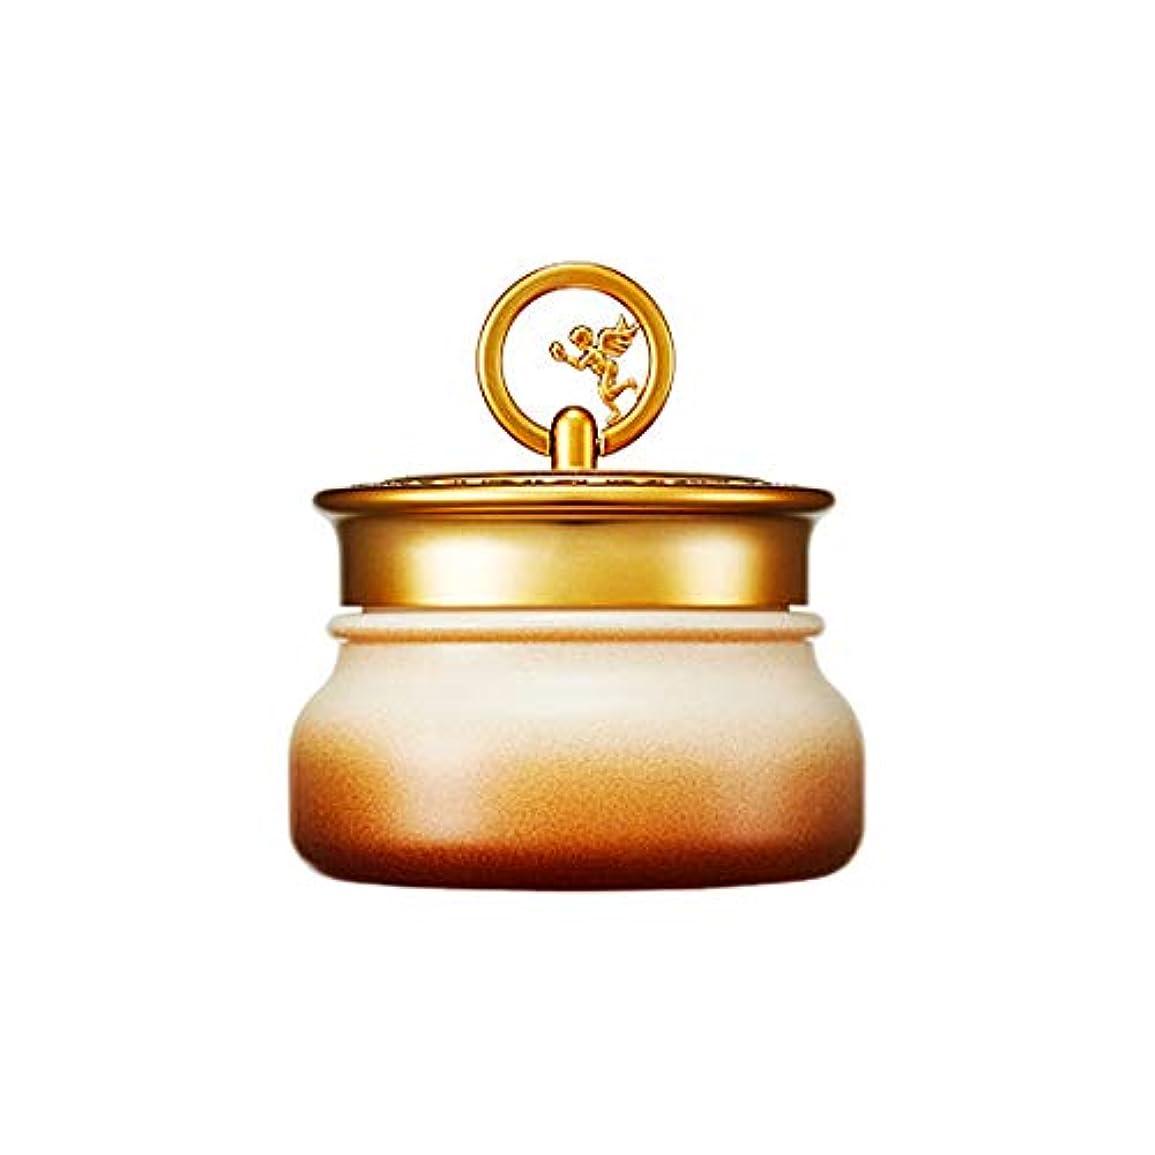 粉砕する平和愛撫Skinfood ゴールドキャビアクリーム(しわケア) / Gold Caviar Cream (wrinkle care) 45g [並行輸入品]